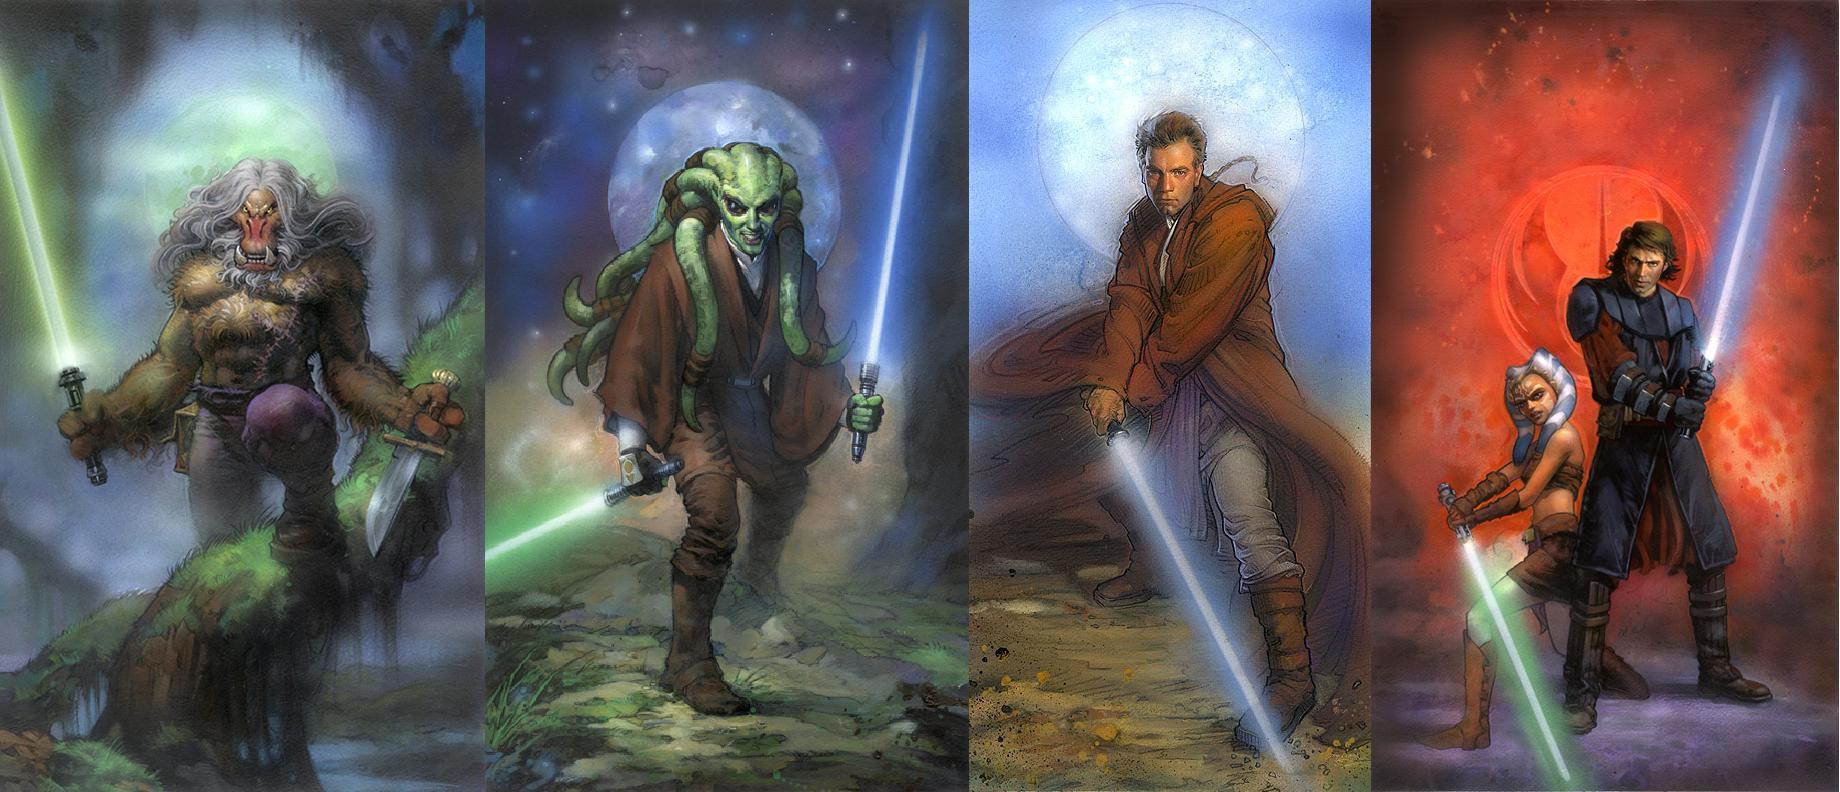 Star Wars Jedi Wallpaper Photo Star Wars Artwork Jedi 83359